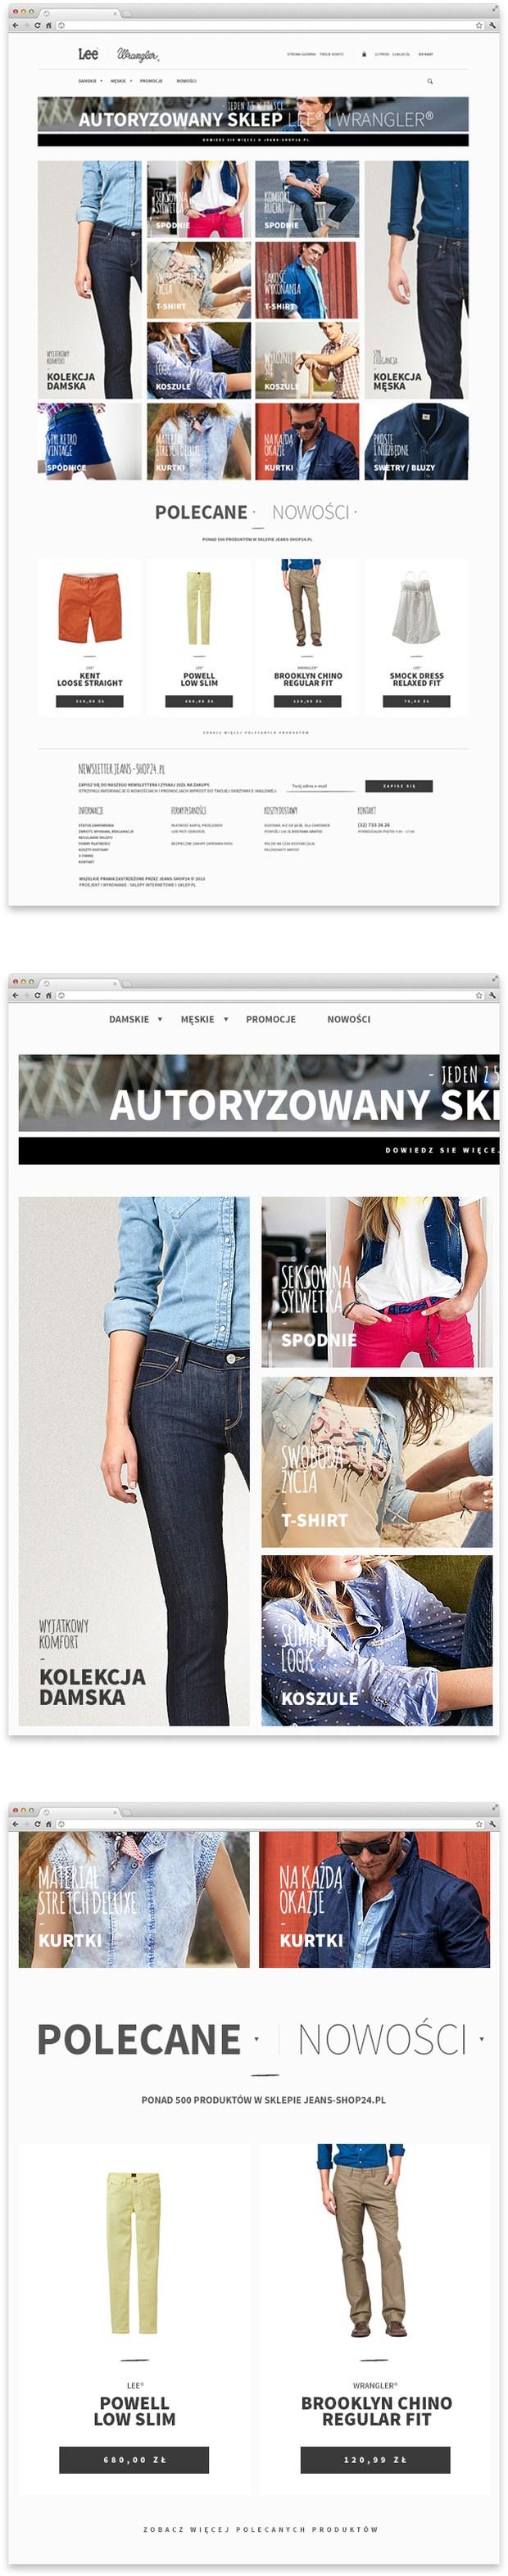 Jeans Shop - Lee & Wrangler